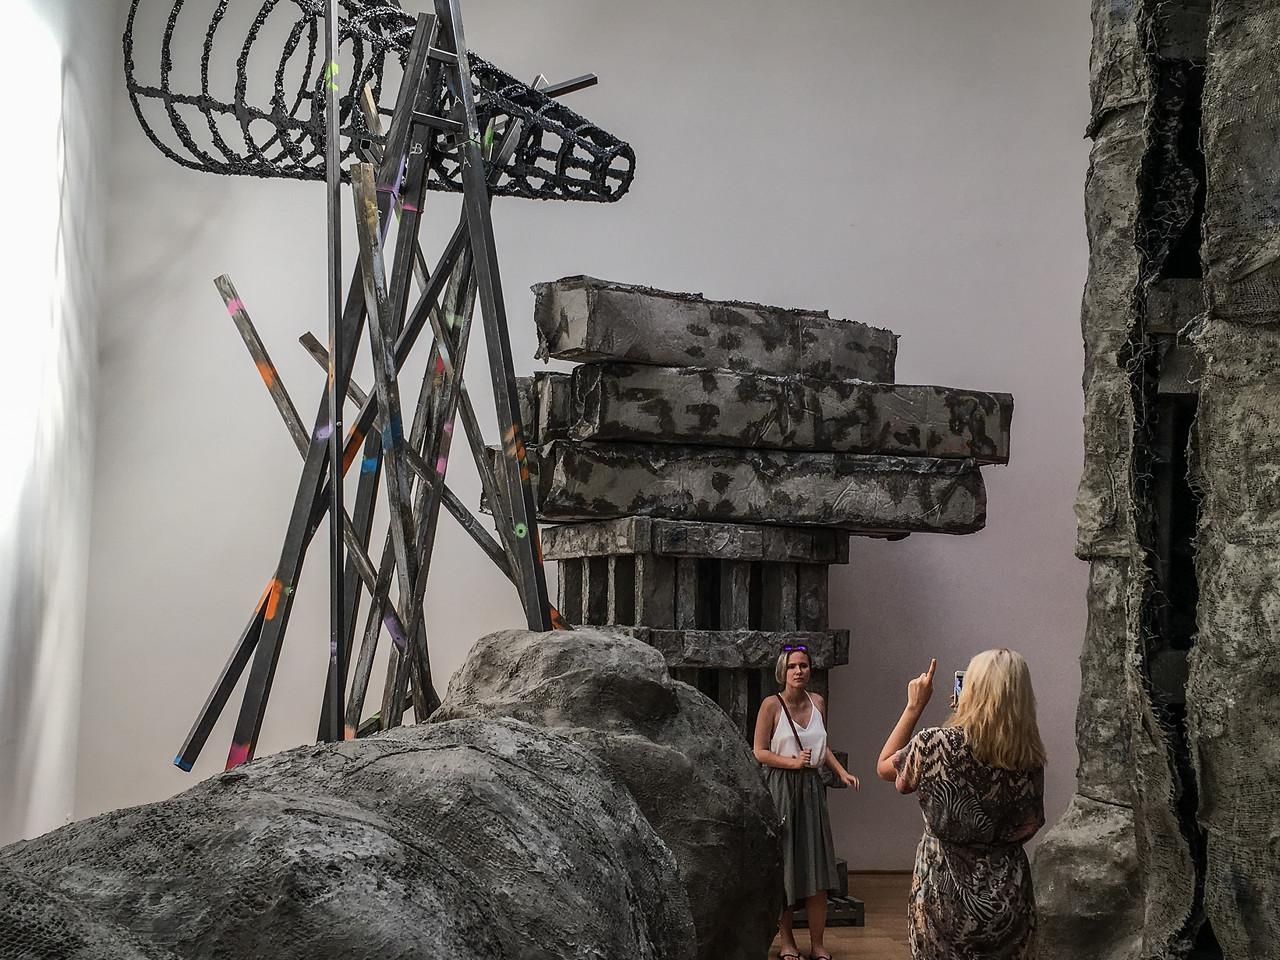 Venezia Biennale 2017